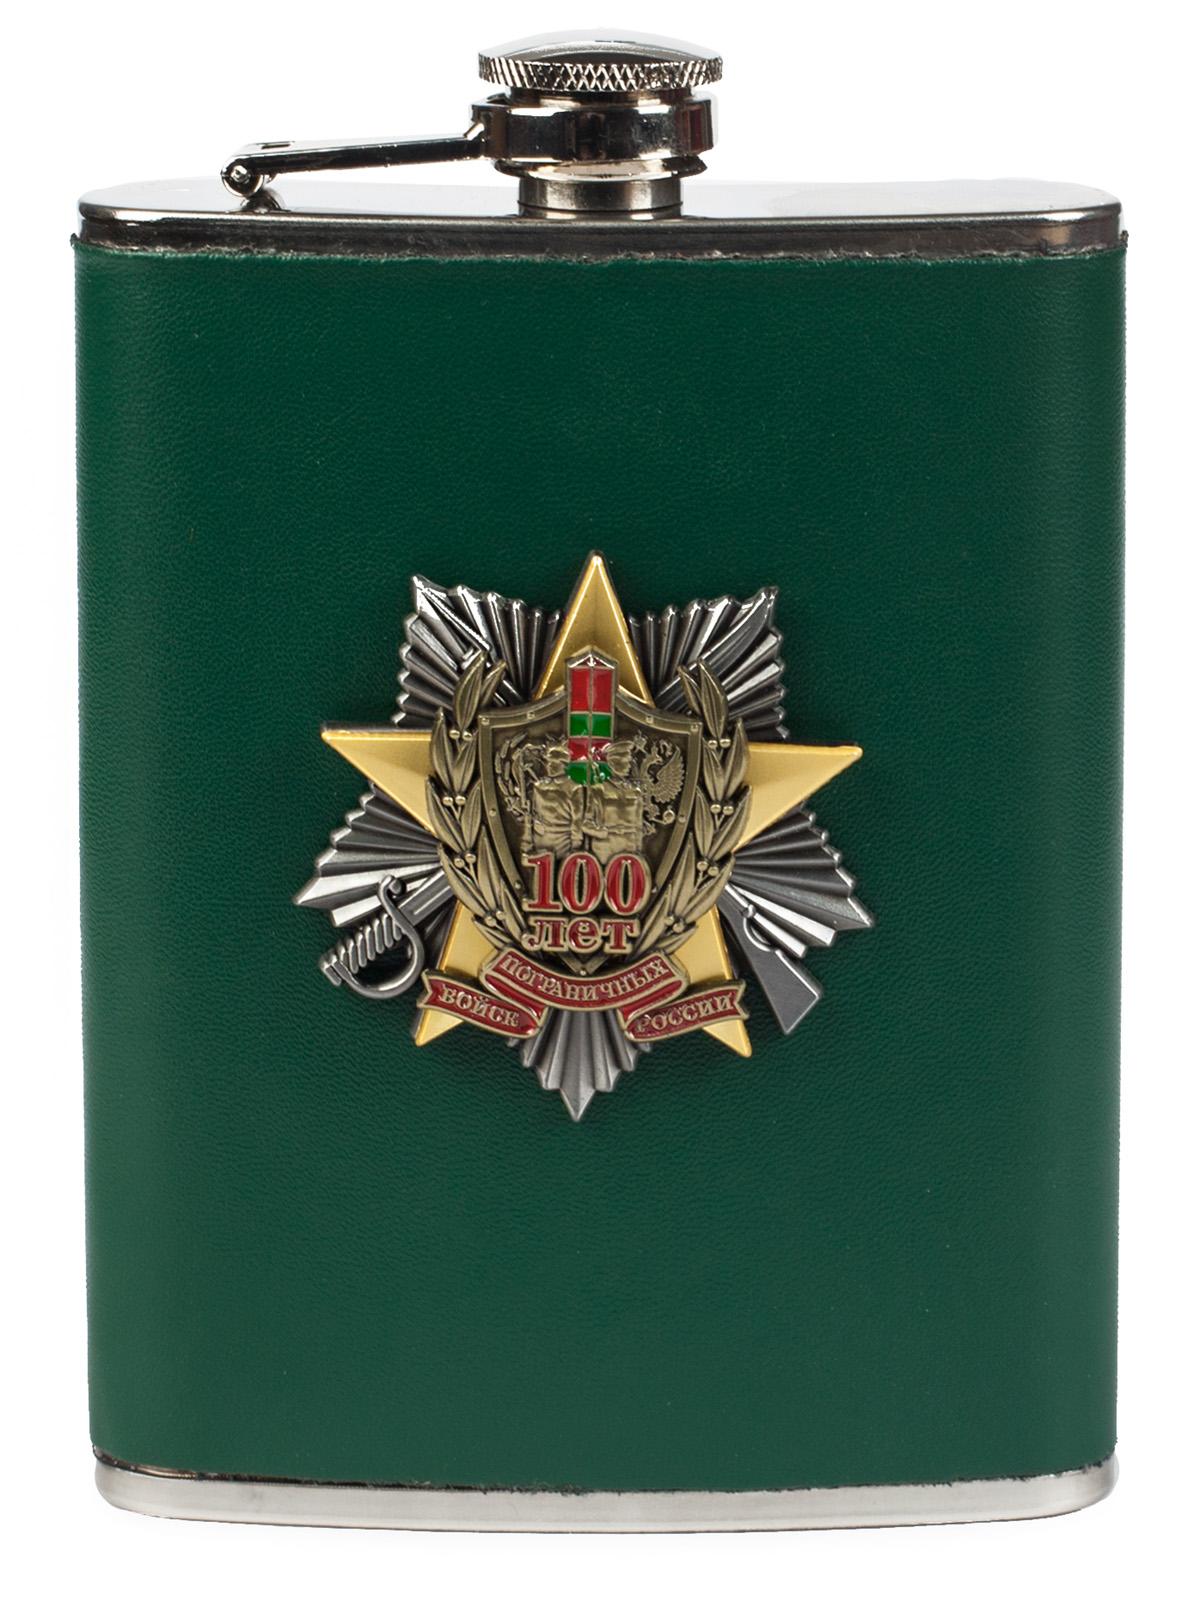 Подарочная фляжка к юбилею Погранвойск